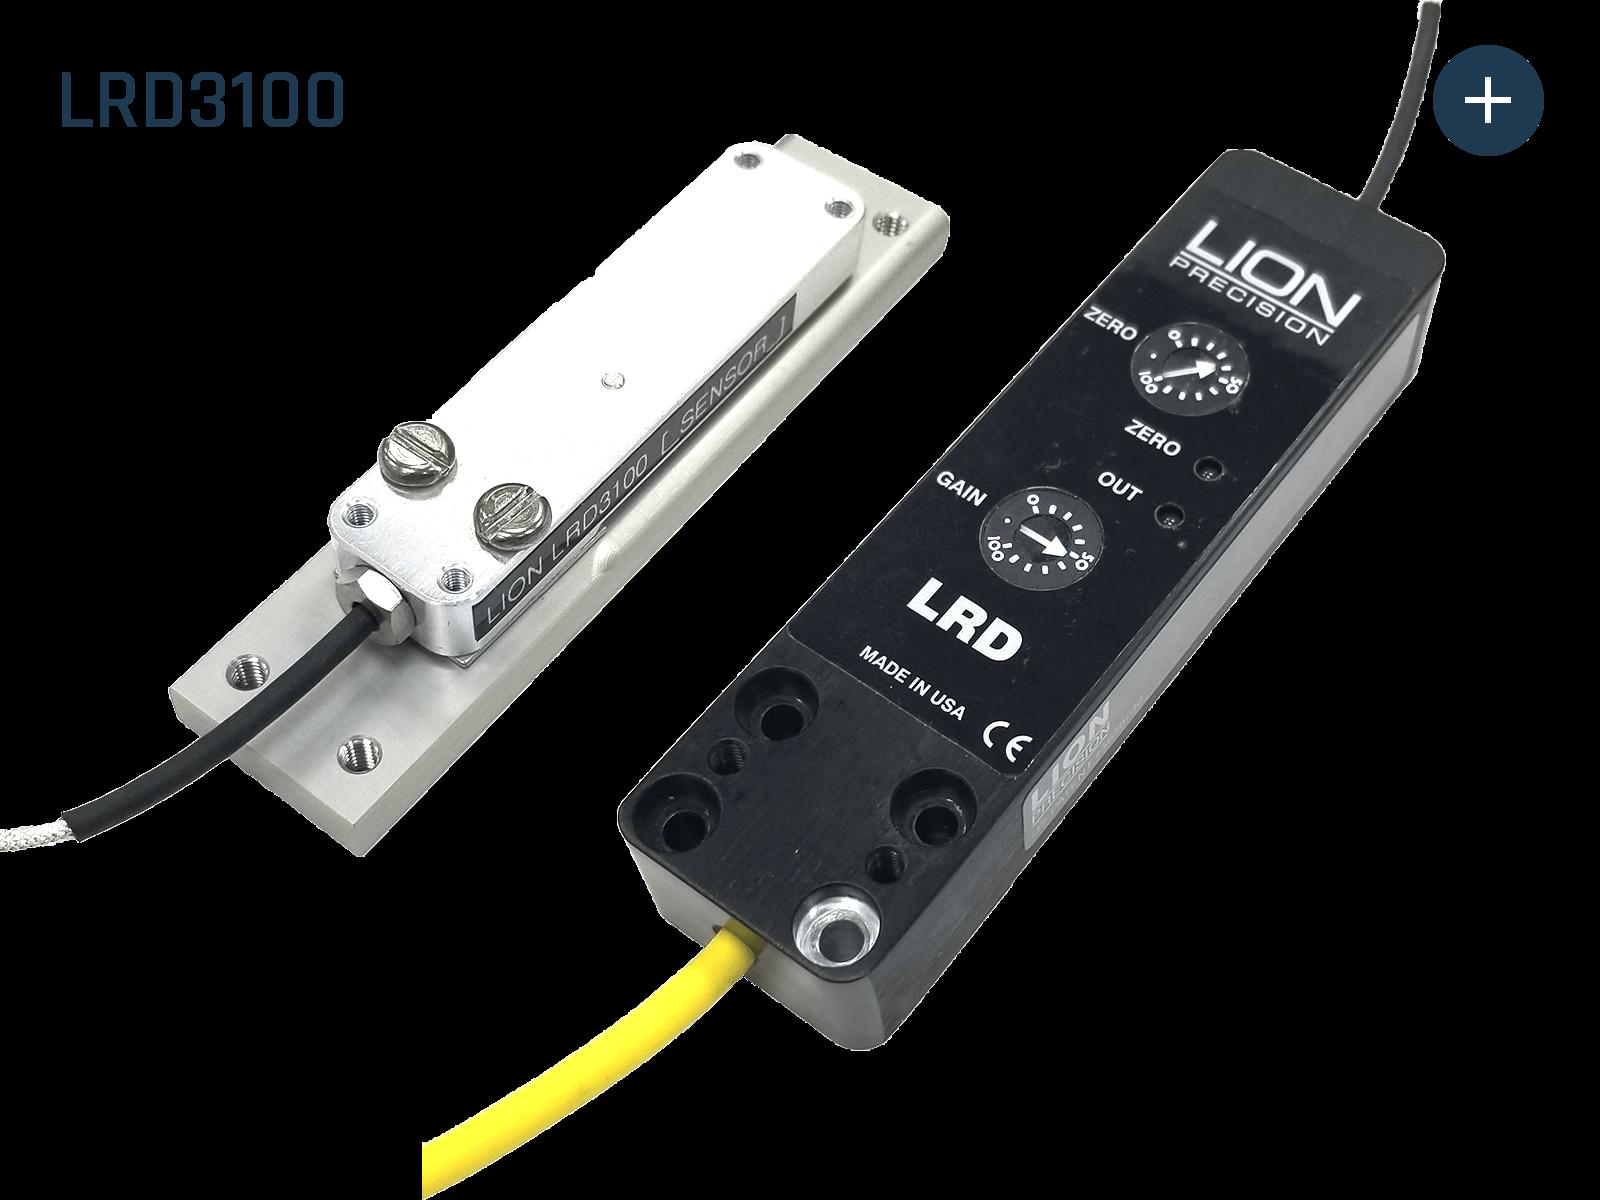 LRD3100